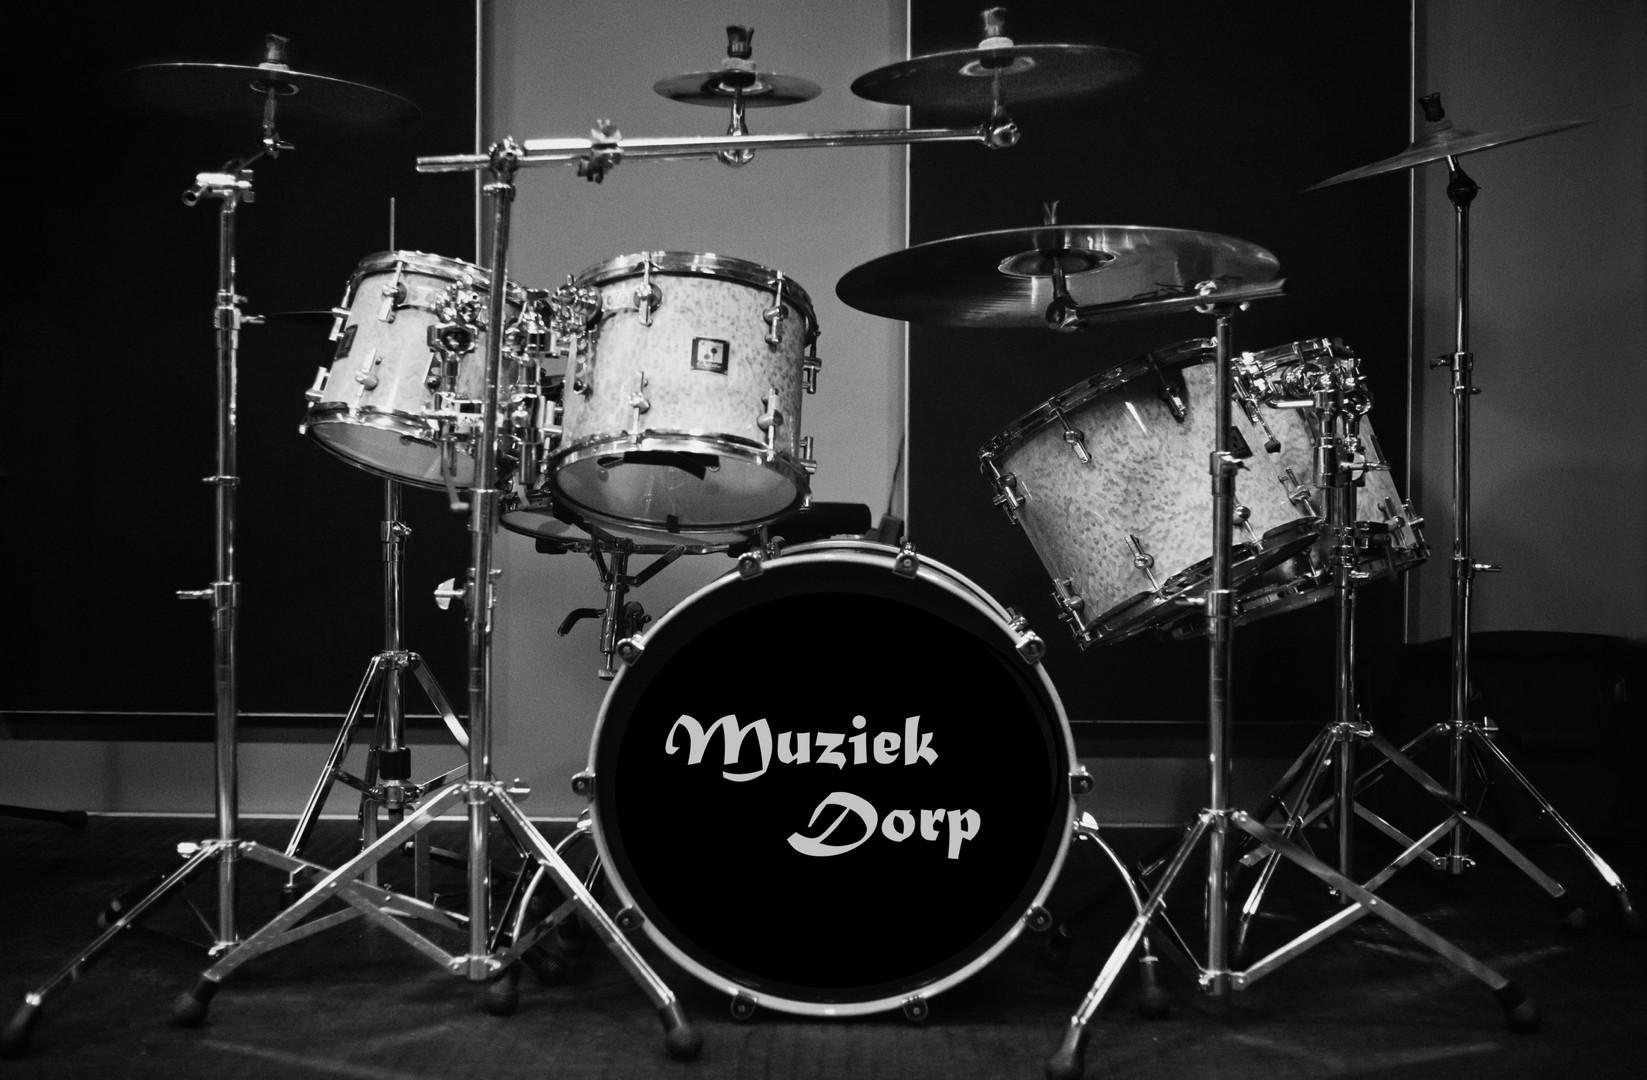 MuziekDorp